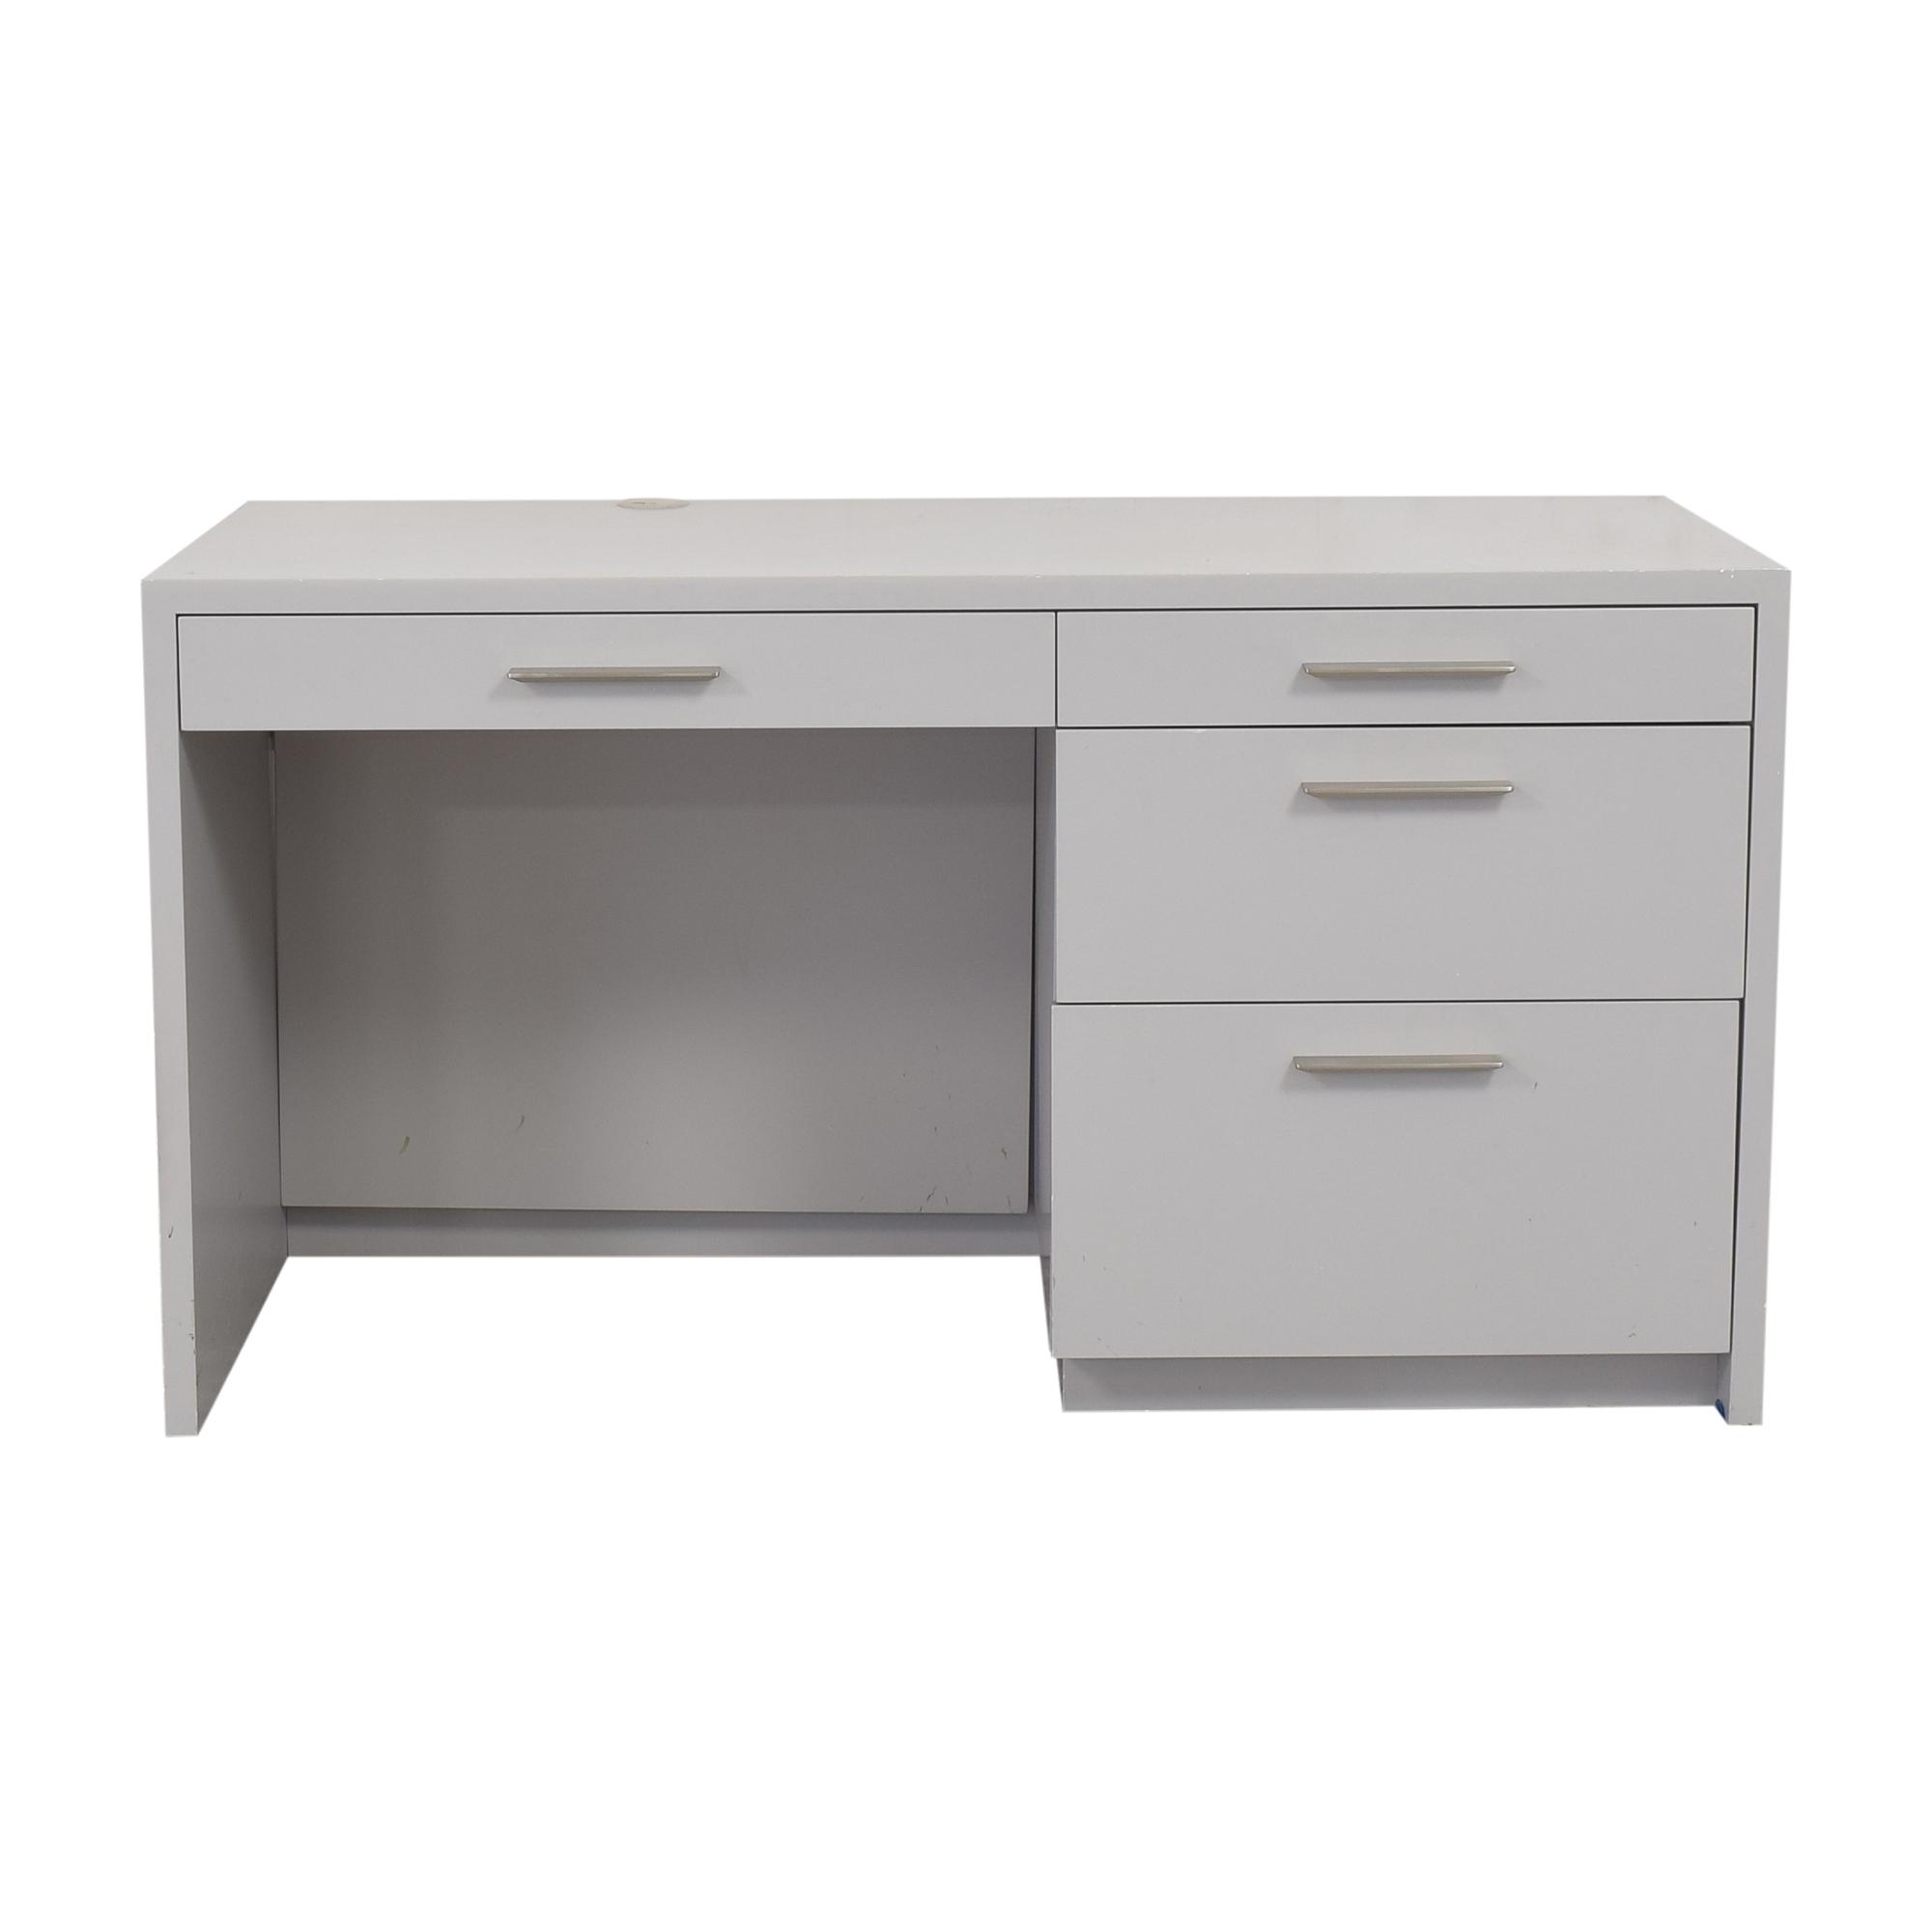 Custom Single Pedestal Desk used